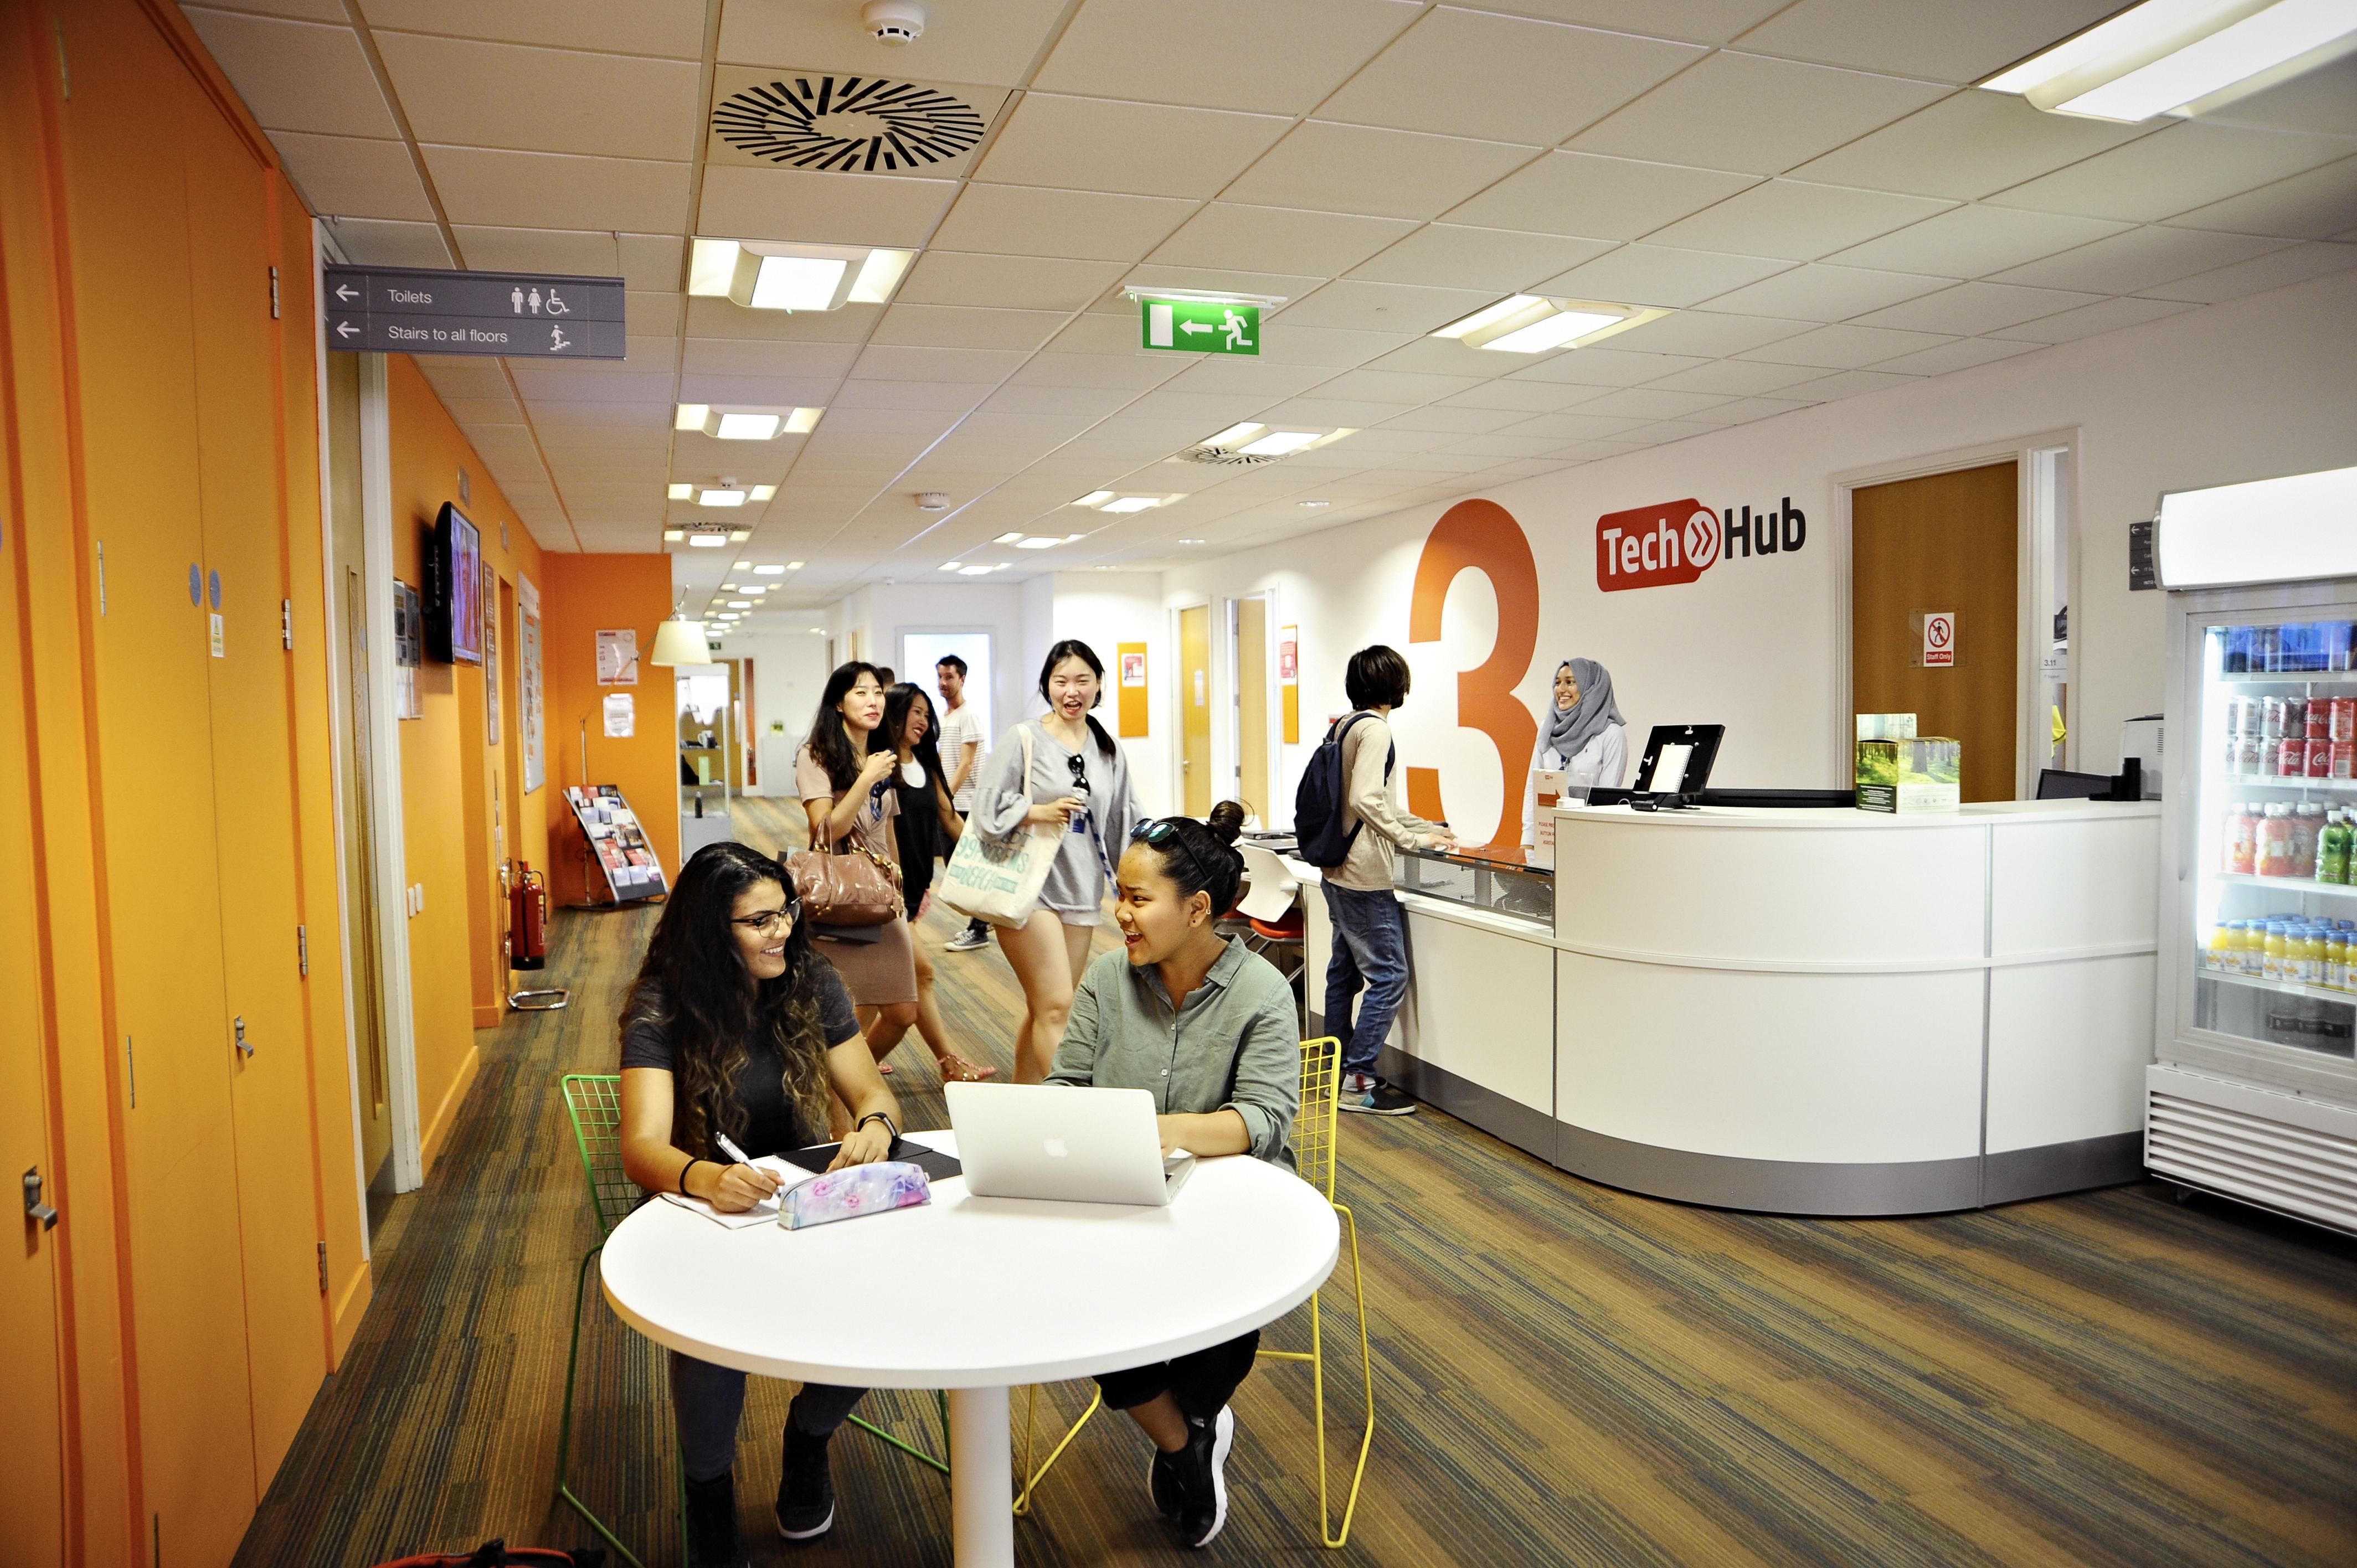 3rd floor Tech Hub desk